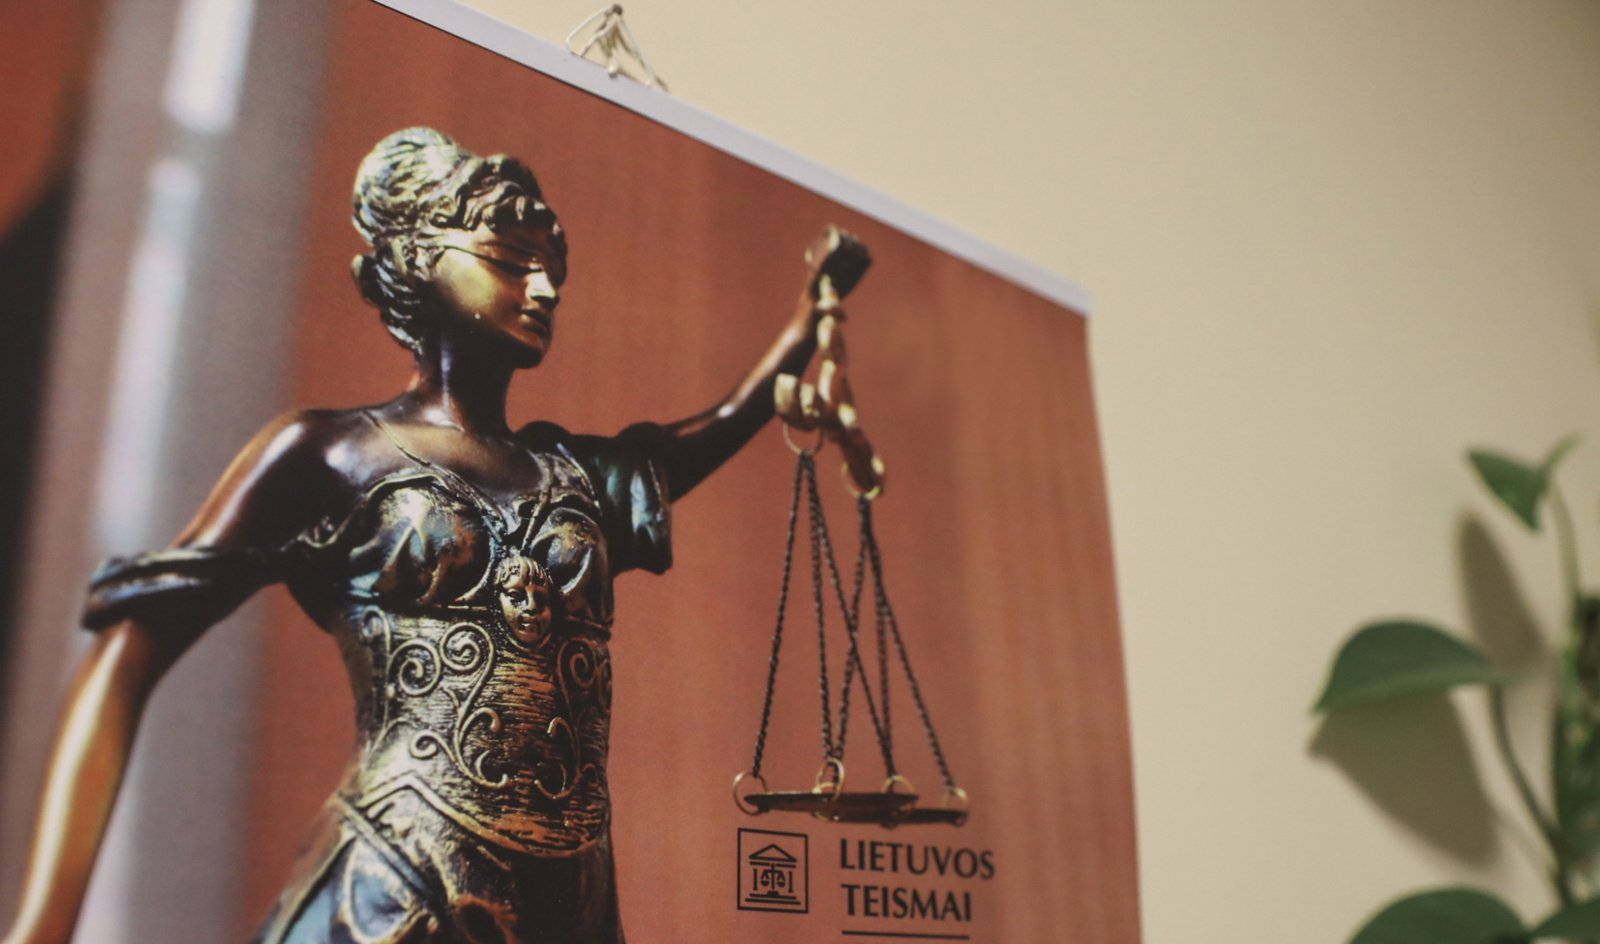 Generalinė prokuratūra kreipėsi į Seimą dėl V. Gapšio neliečiamybės panaikinimo